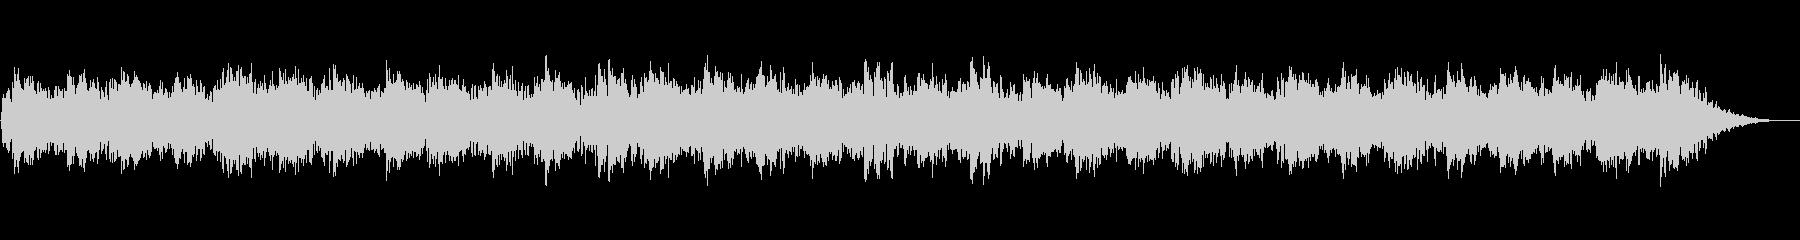 不気味な旋律のピアノBGMの未再生の波形